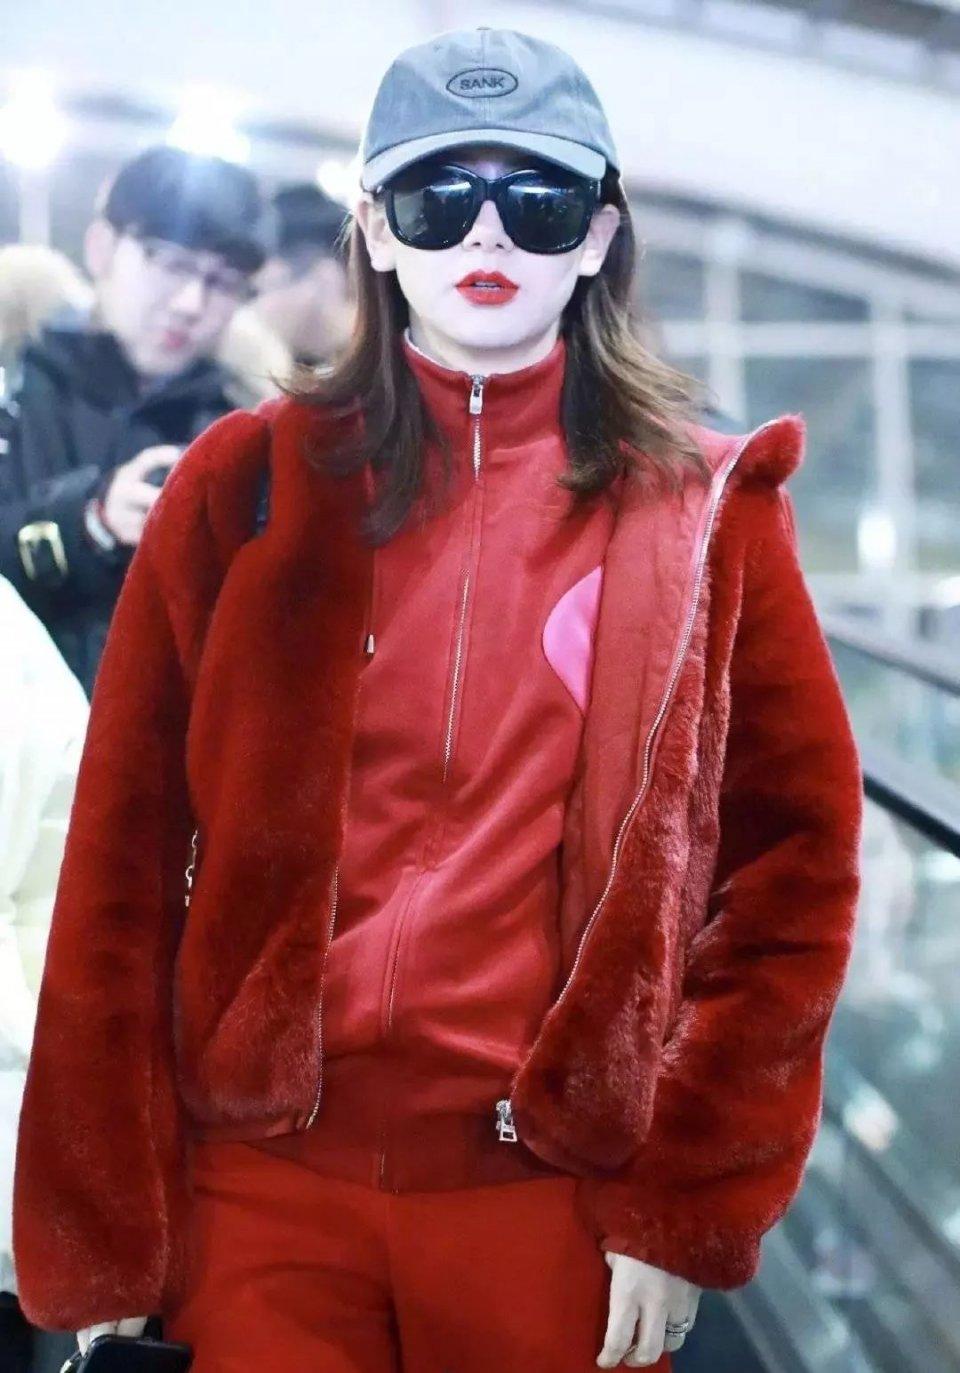 戚薇大爱中国红!豹纹红色配皮裤的年味穿搭挑逗性感美女舞直播间热